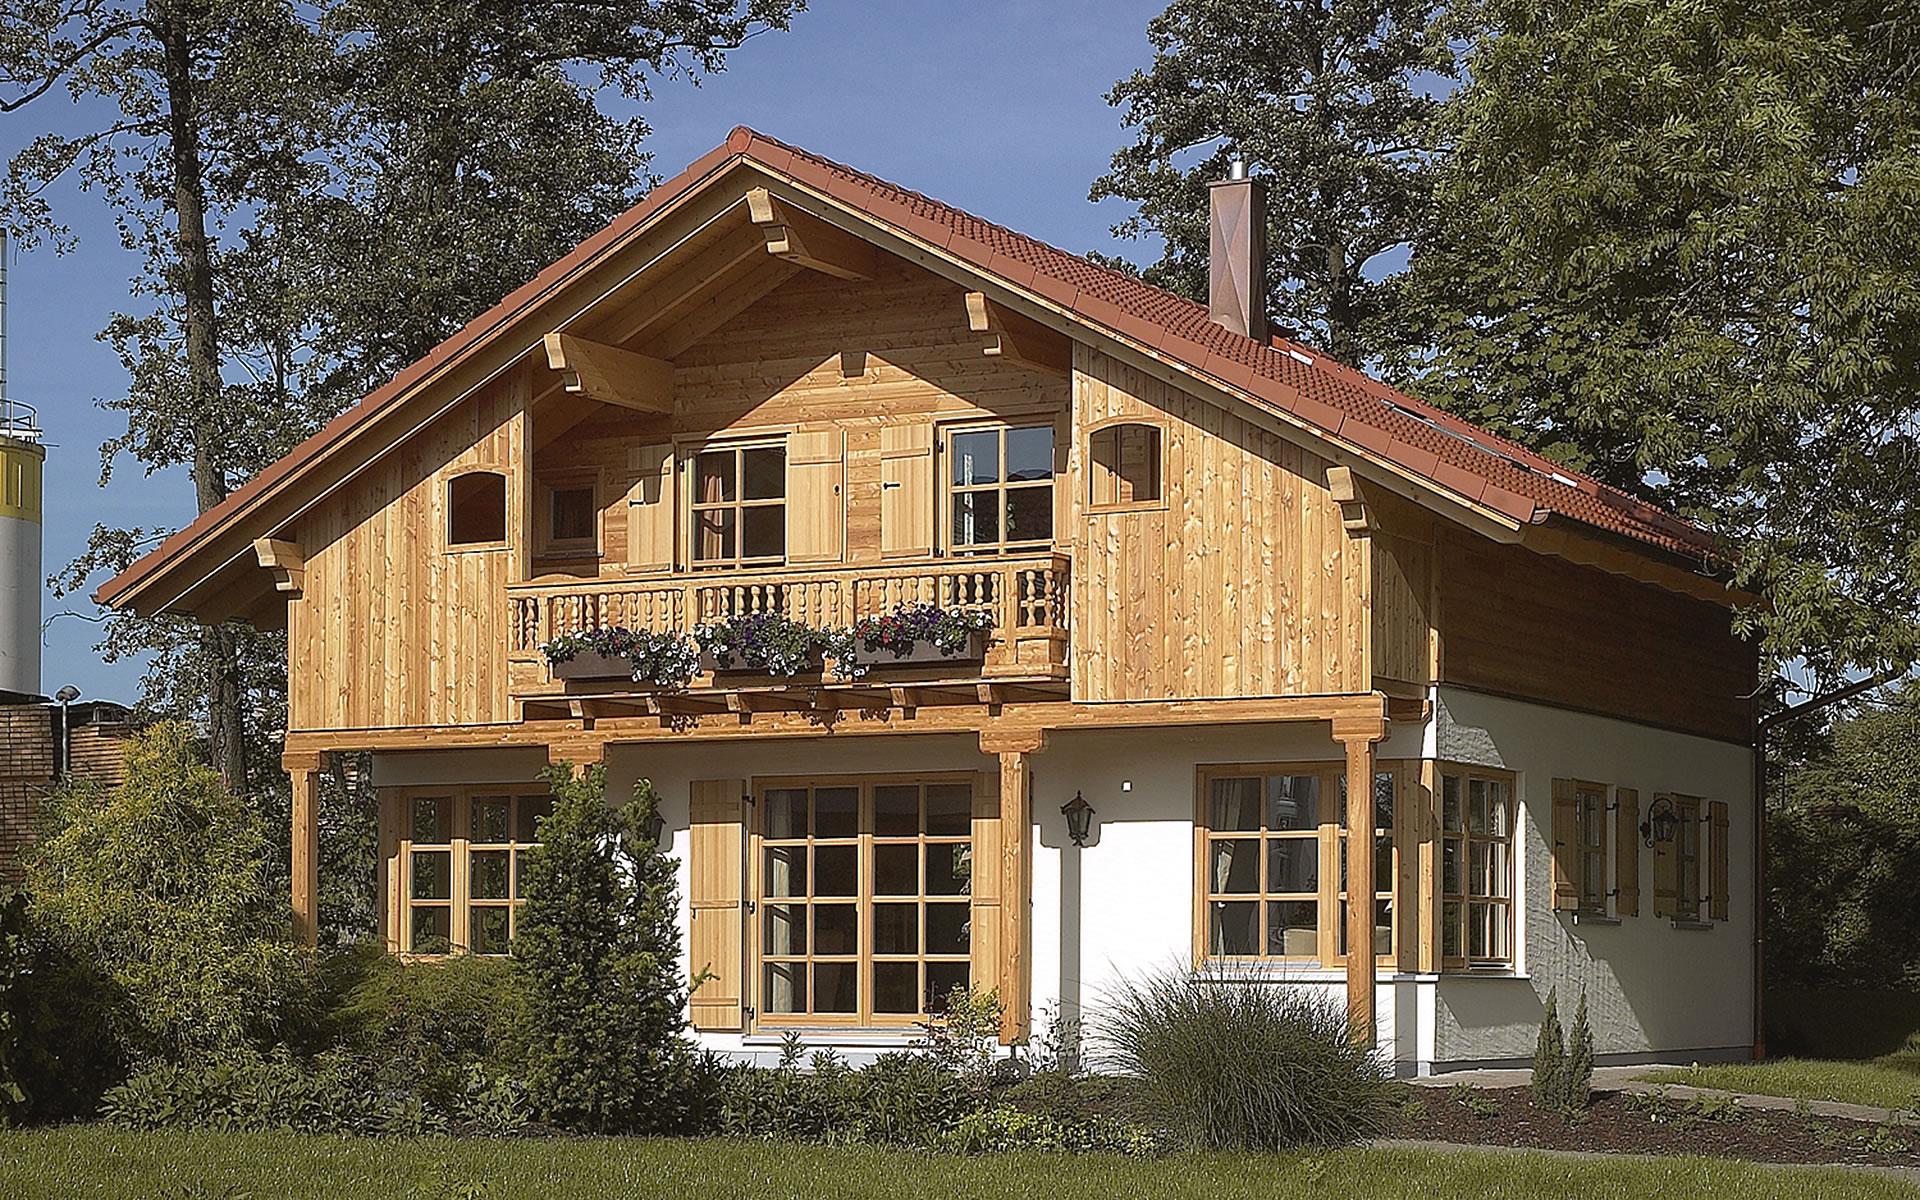 St. Johann von Sonnleitner Holzbauwerke GmbH & Co. KG